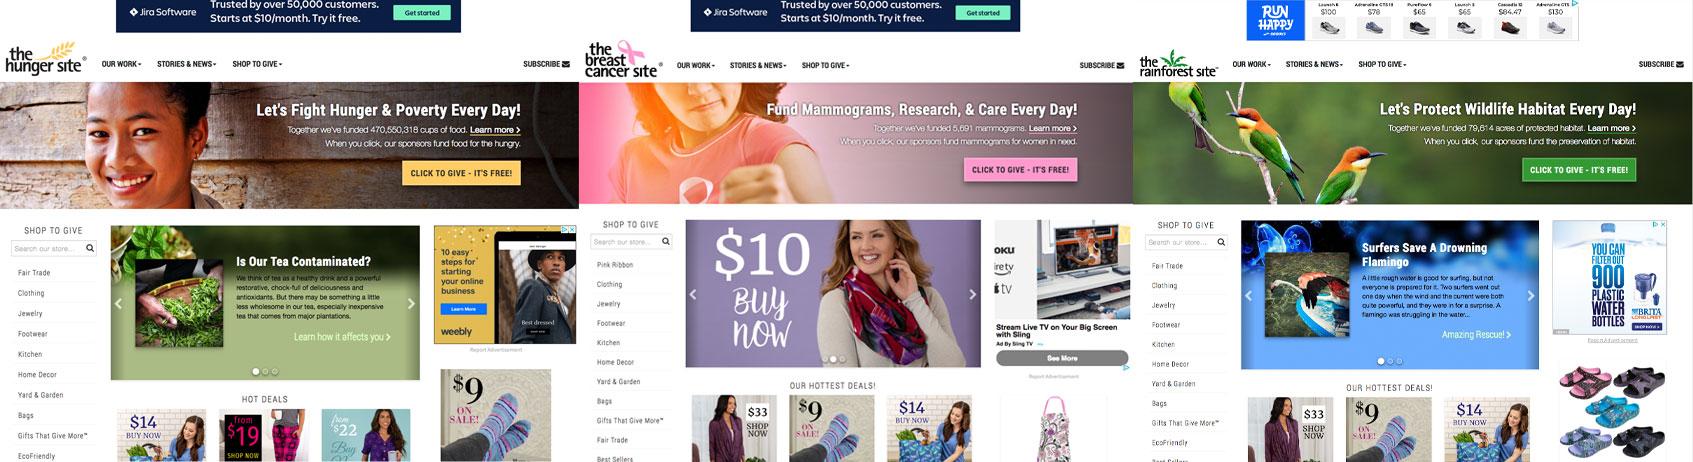 ClickToGive Website Framework on Desktop